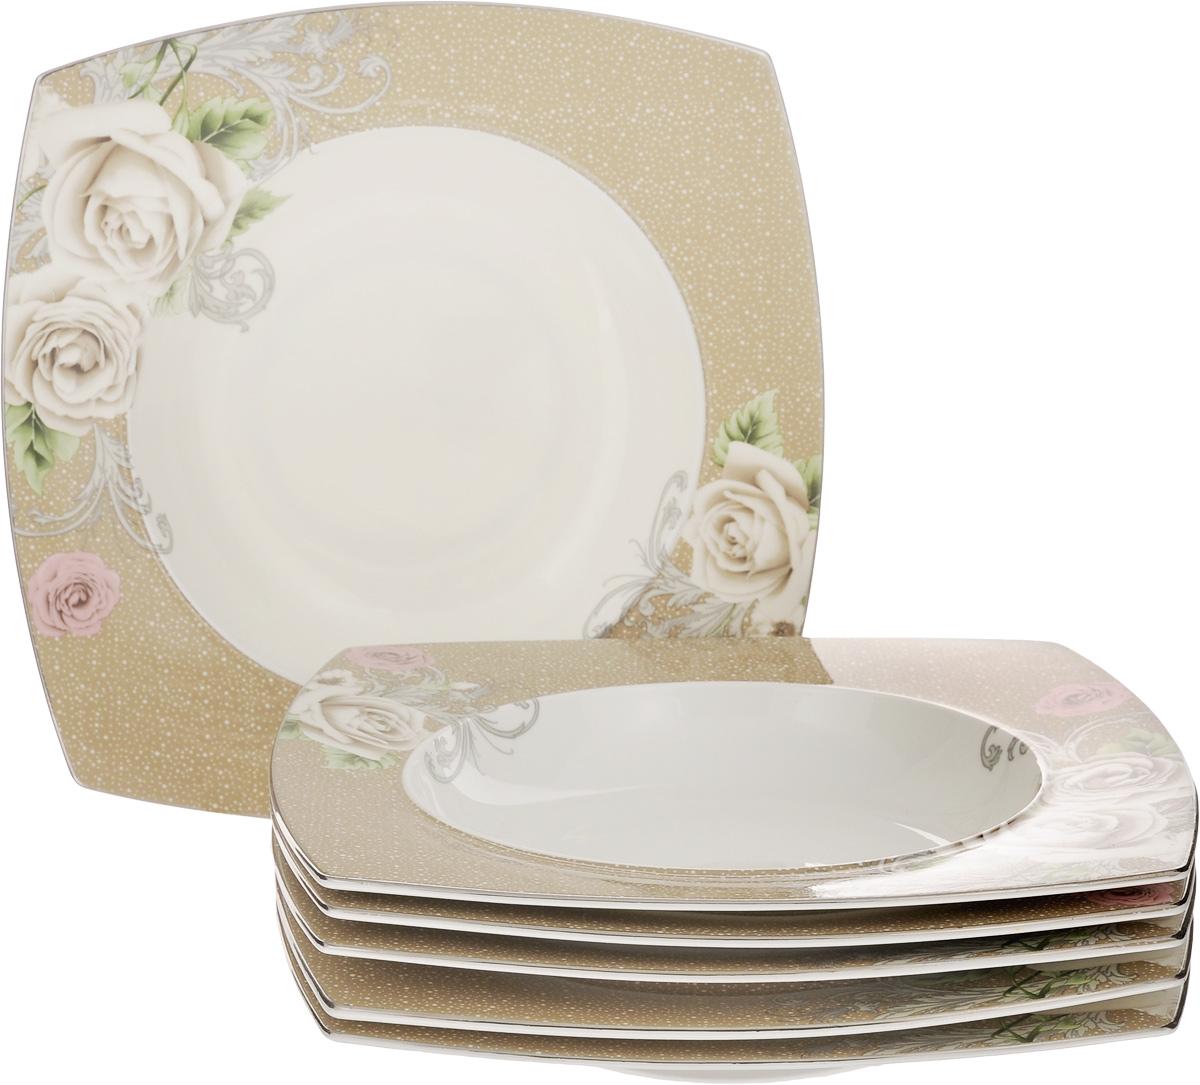 Набор тарелок Family & Friends Florance, 25 х 25 см, 6 штPR7988нНабор Family & Friends Florance, выполненный из фарфора, состоит из 6 глубоких квадратных тарелок и предназначен для красивой сервировки различных блюд. Изделия украшены цветочным рисунком. Набор сочетает в себе стильный дизайн с максимальной функциональностью. Оригинальность оформления придется по вкусу и ценителям классики, и тем, кто предпочитает утонченность и изящность. Внутренний диаметр тарелки: 17,5 см. Размер тарелки: 25 х 25 х 4 см.